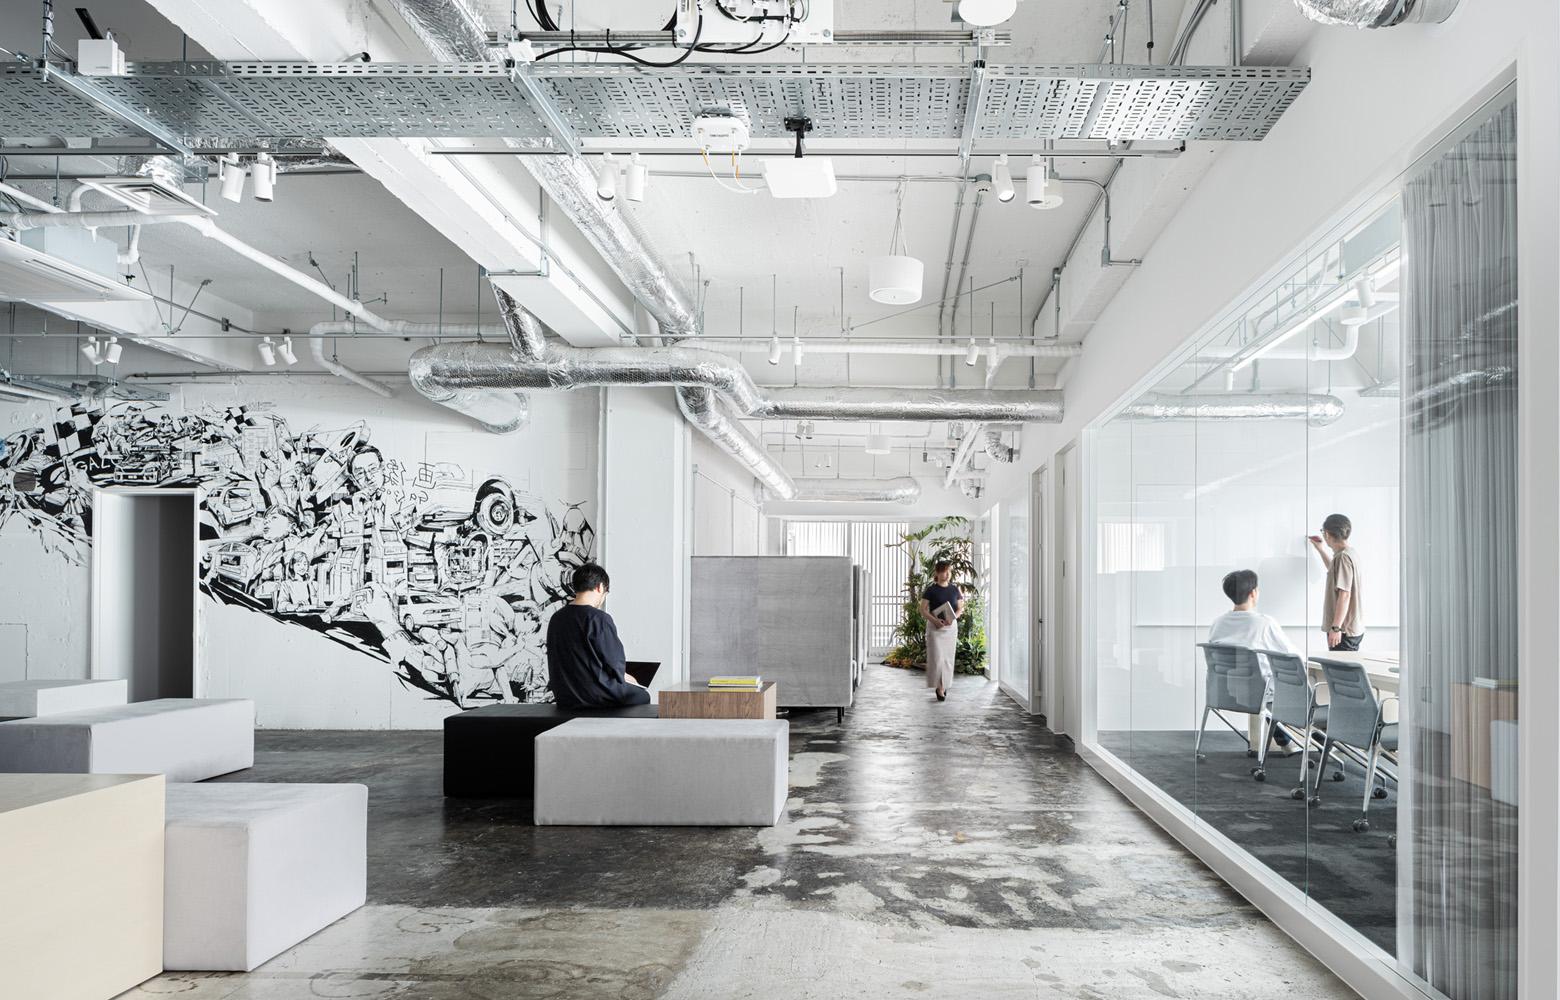 トヨタコネクティッド株式会社 Entrance Lounge_3 デザイン・レイアウト事例